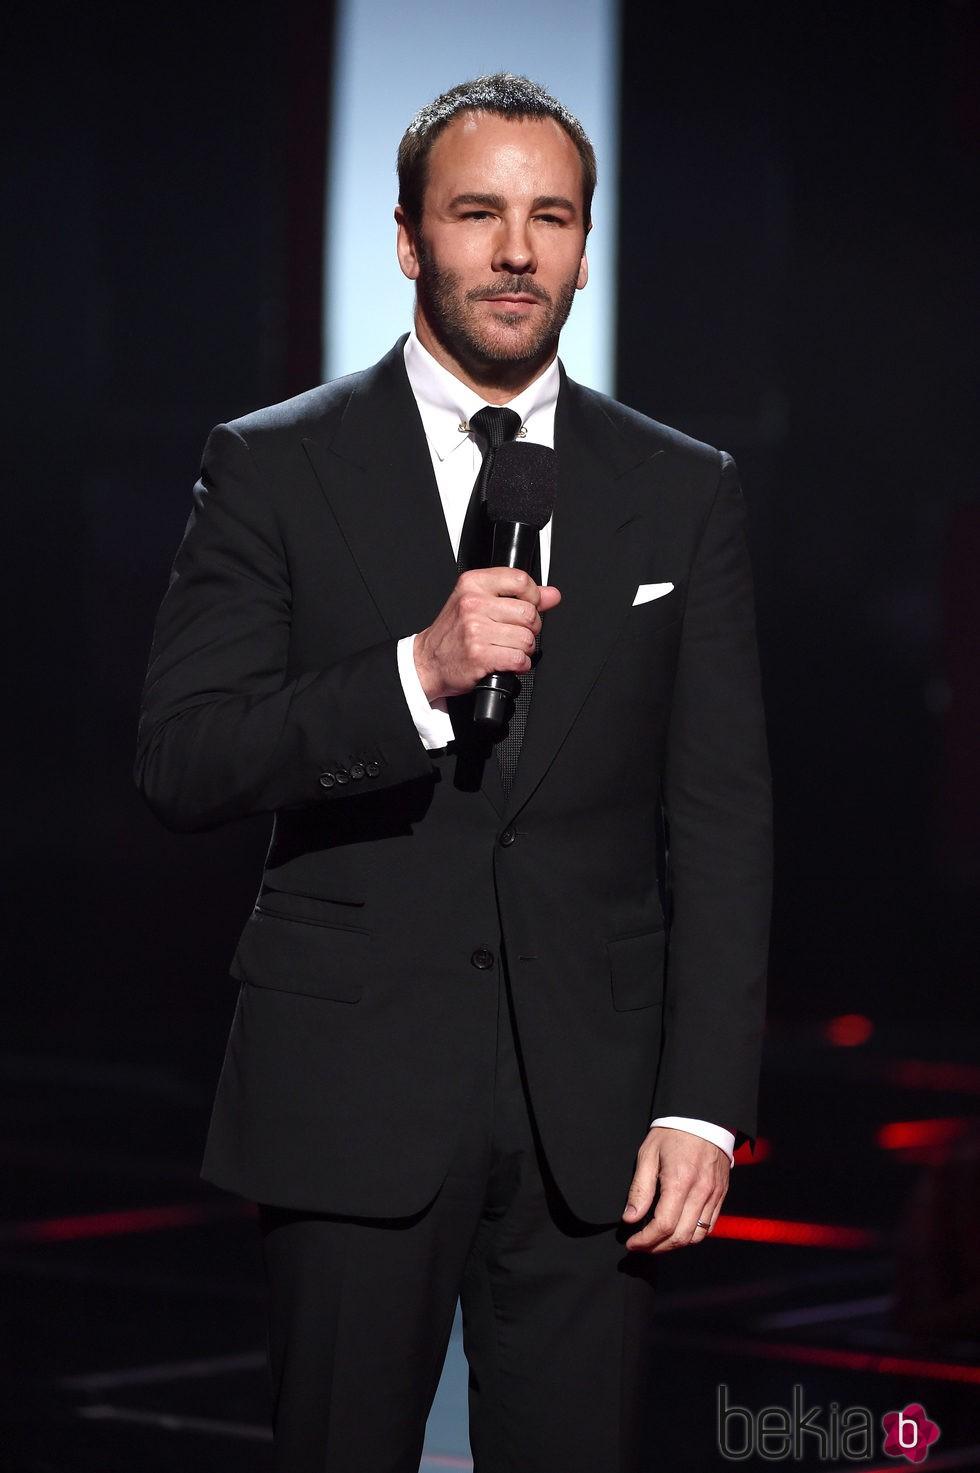 Tom Ford en los premios iHeartRadio 2015